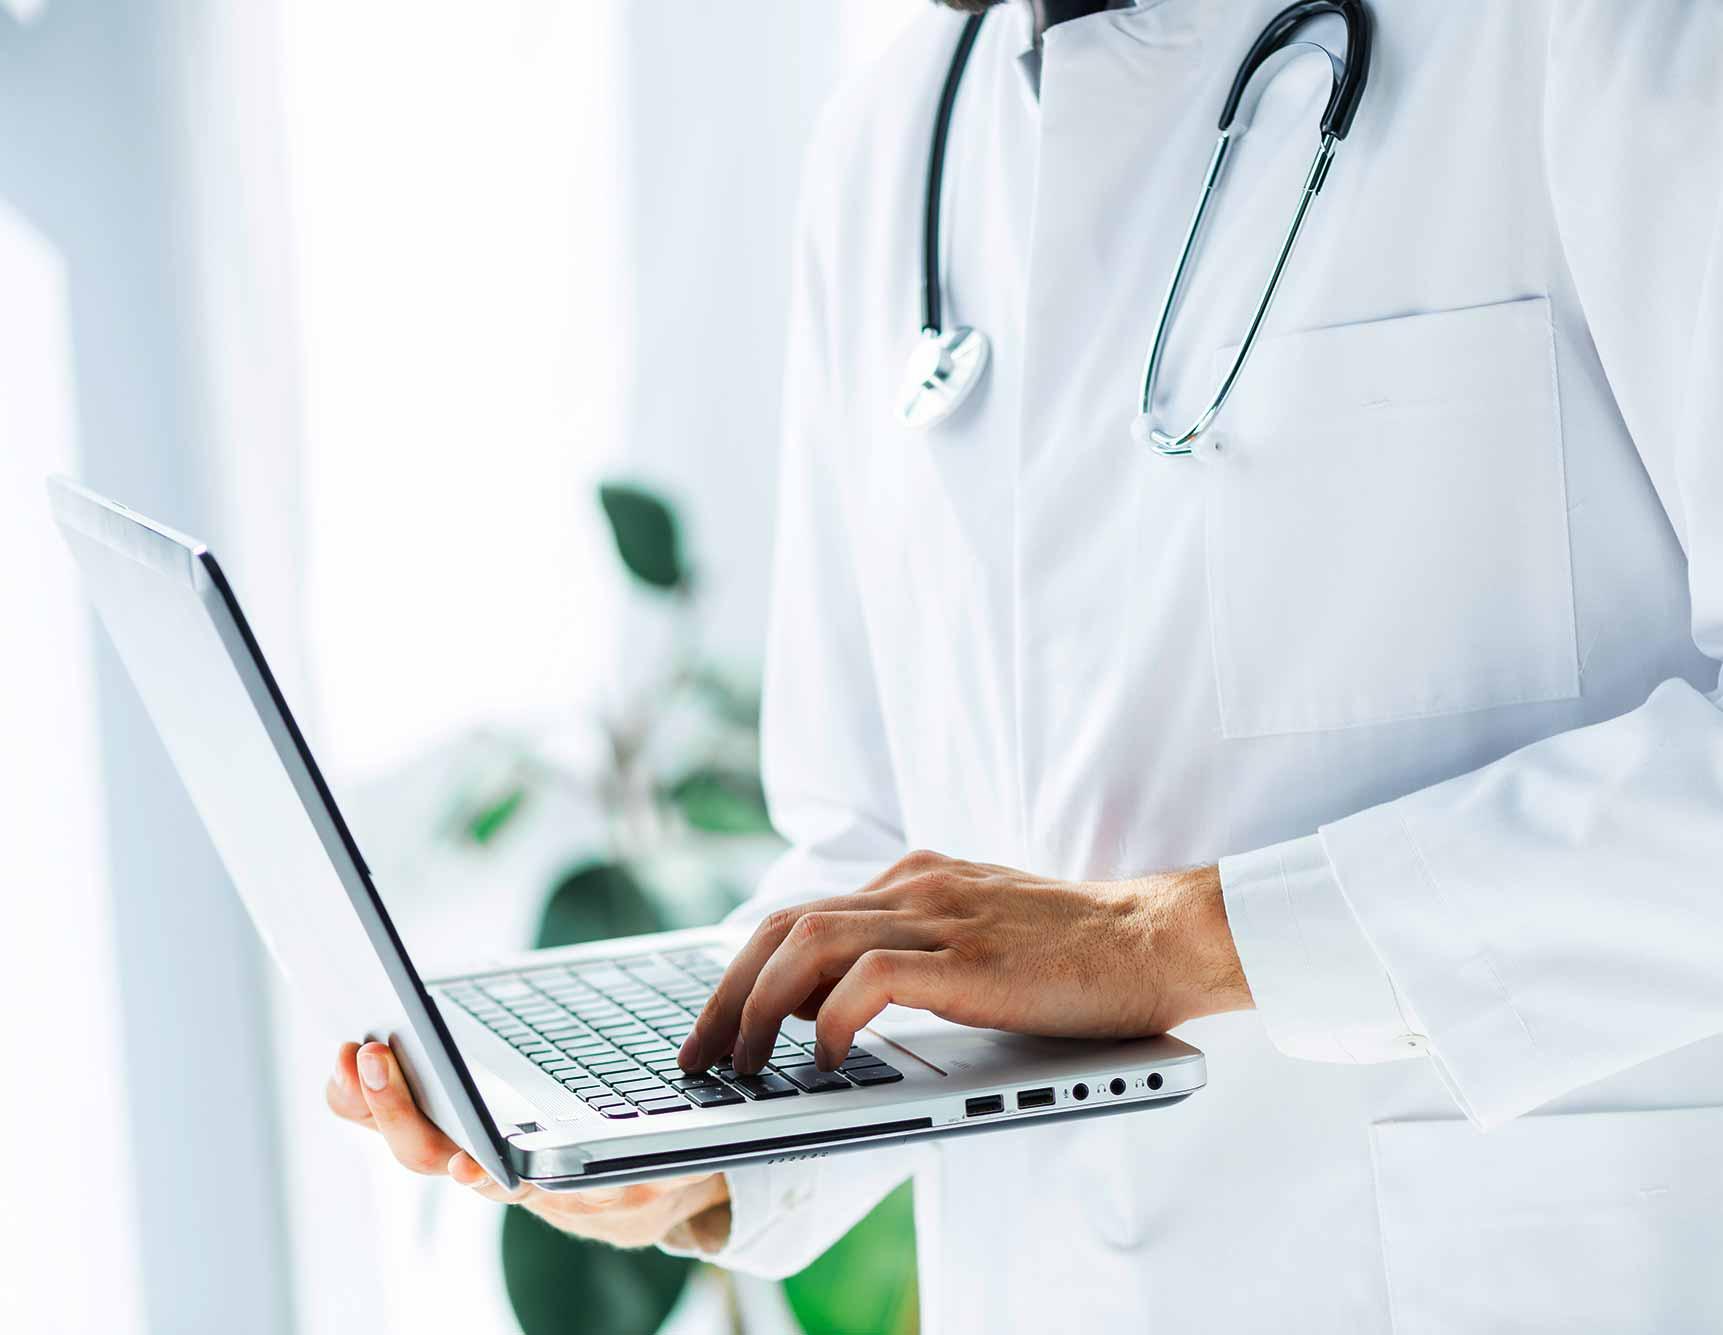 Die moderne, digitale gesundheitsbehandlung basiert auf zusammenarbeit